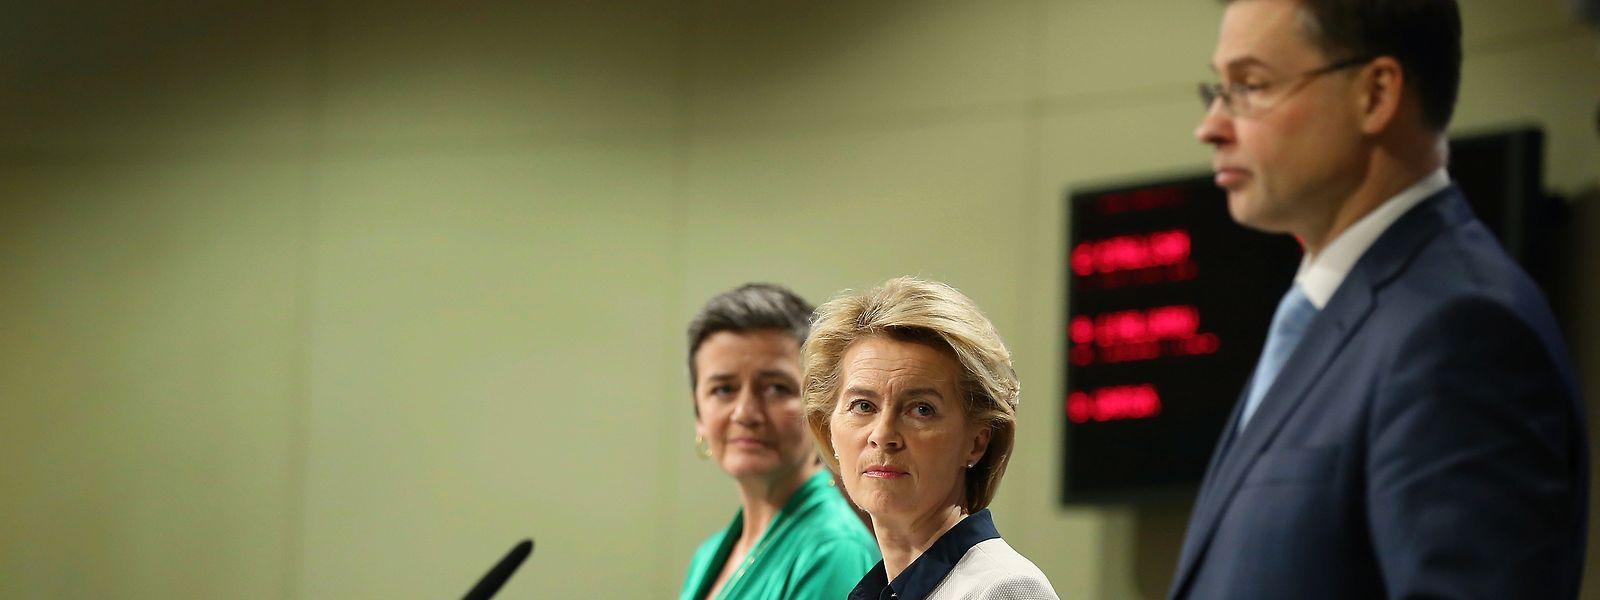 Kommissionspräsidentin Ursula von der Leyen (Mitte), Wettbewerbskommissarin Margrethe Vestager und Finanzkommissar Valdis Dombrovskis: Die Kapitalmarktunion soll eines der zentralen Projekte der neuen EU-Kommission werden.